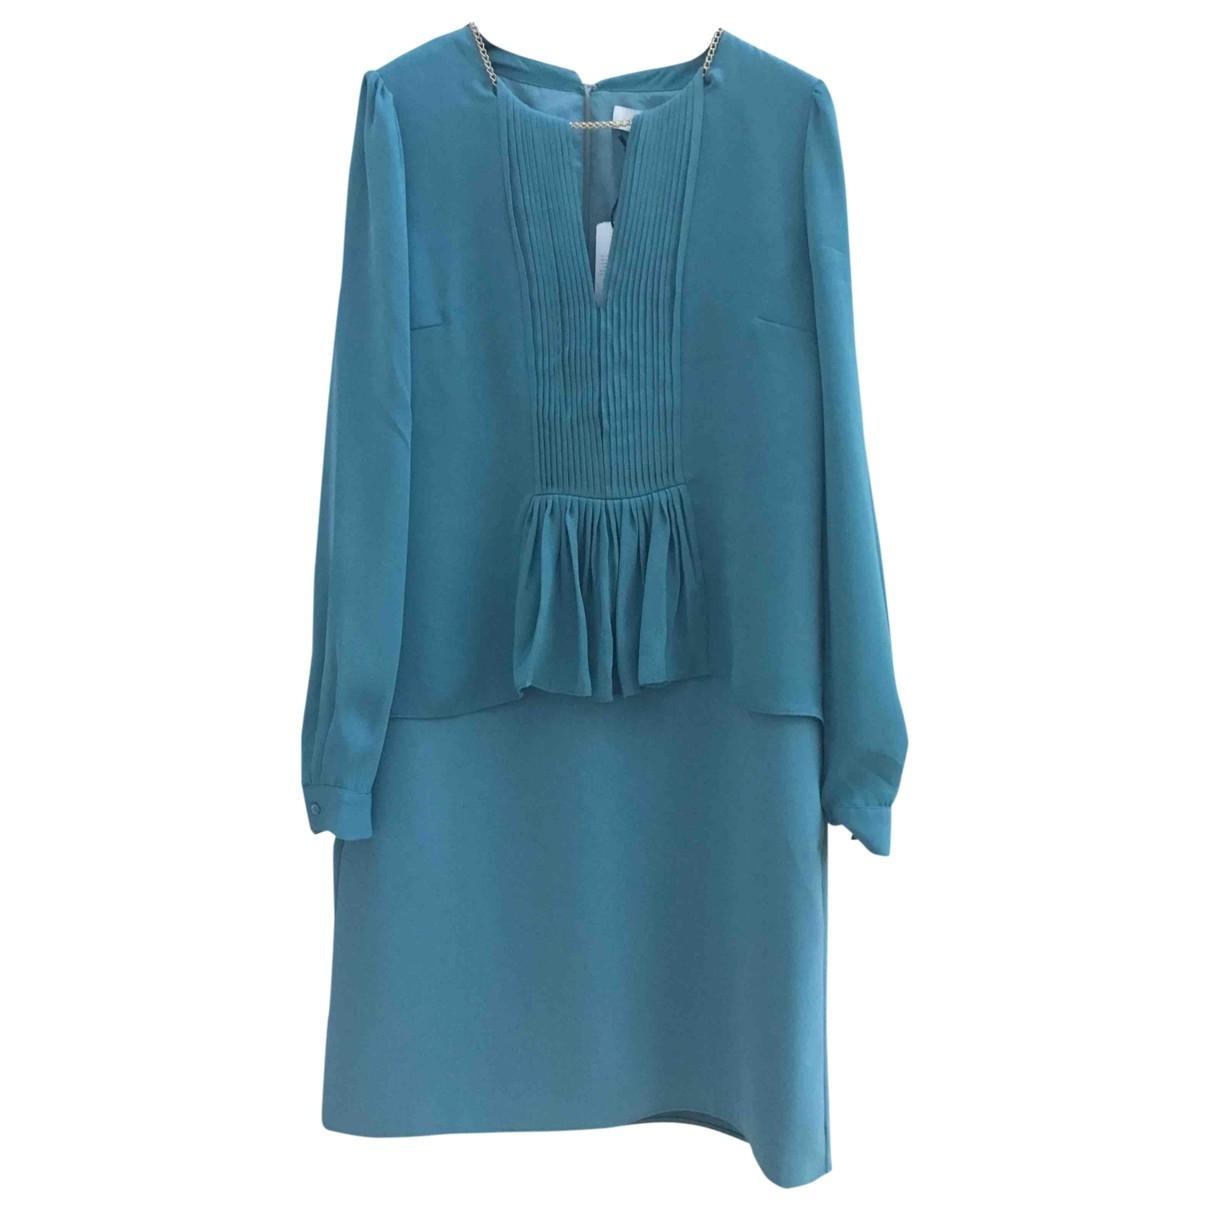 Reiss - Robe   pour femme - vert